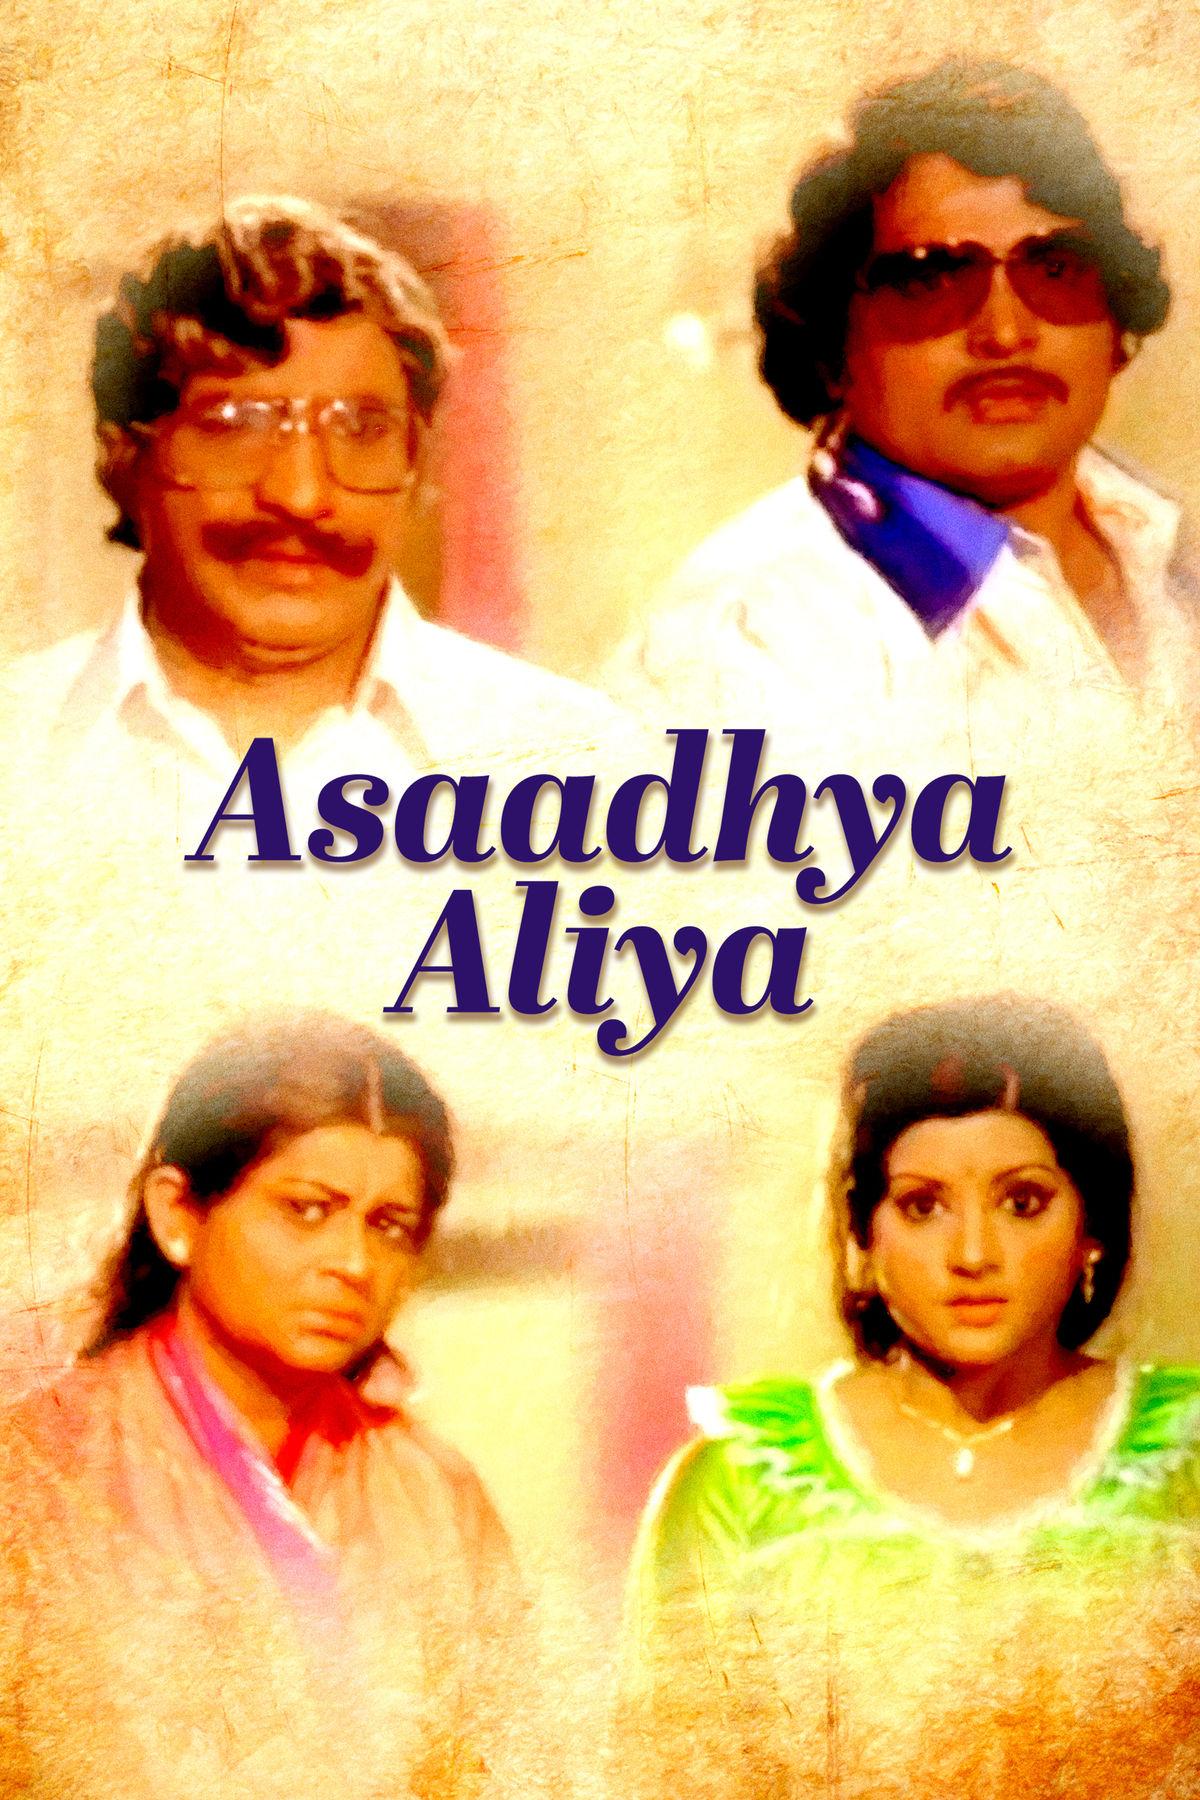 Asaadhya Aliya